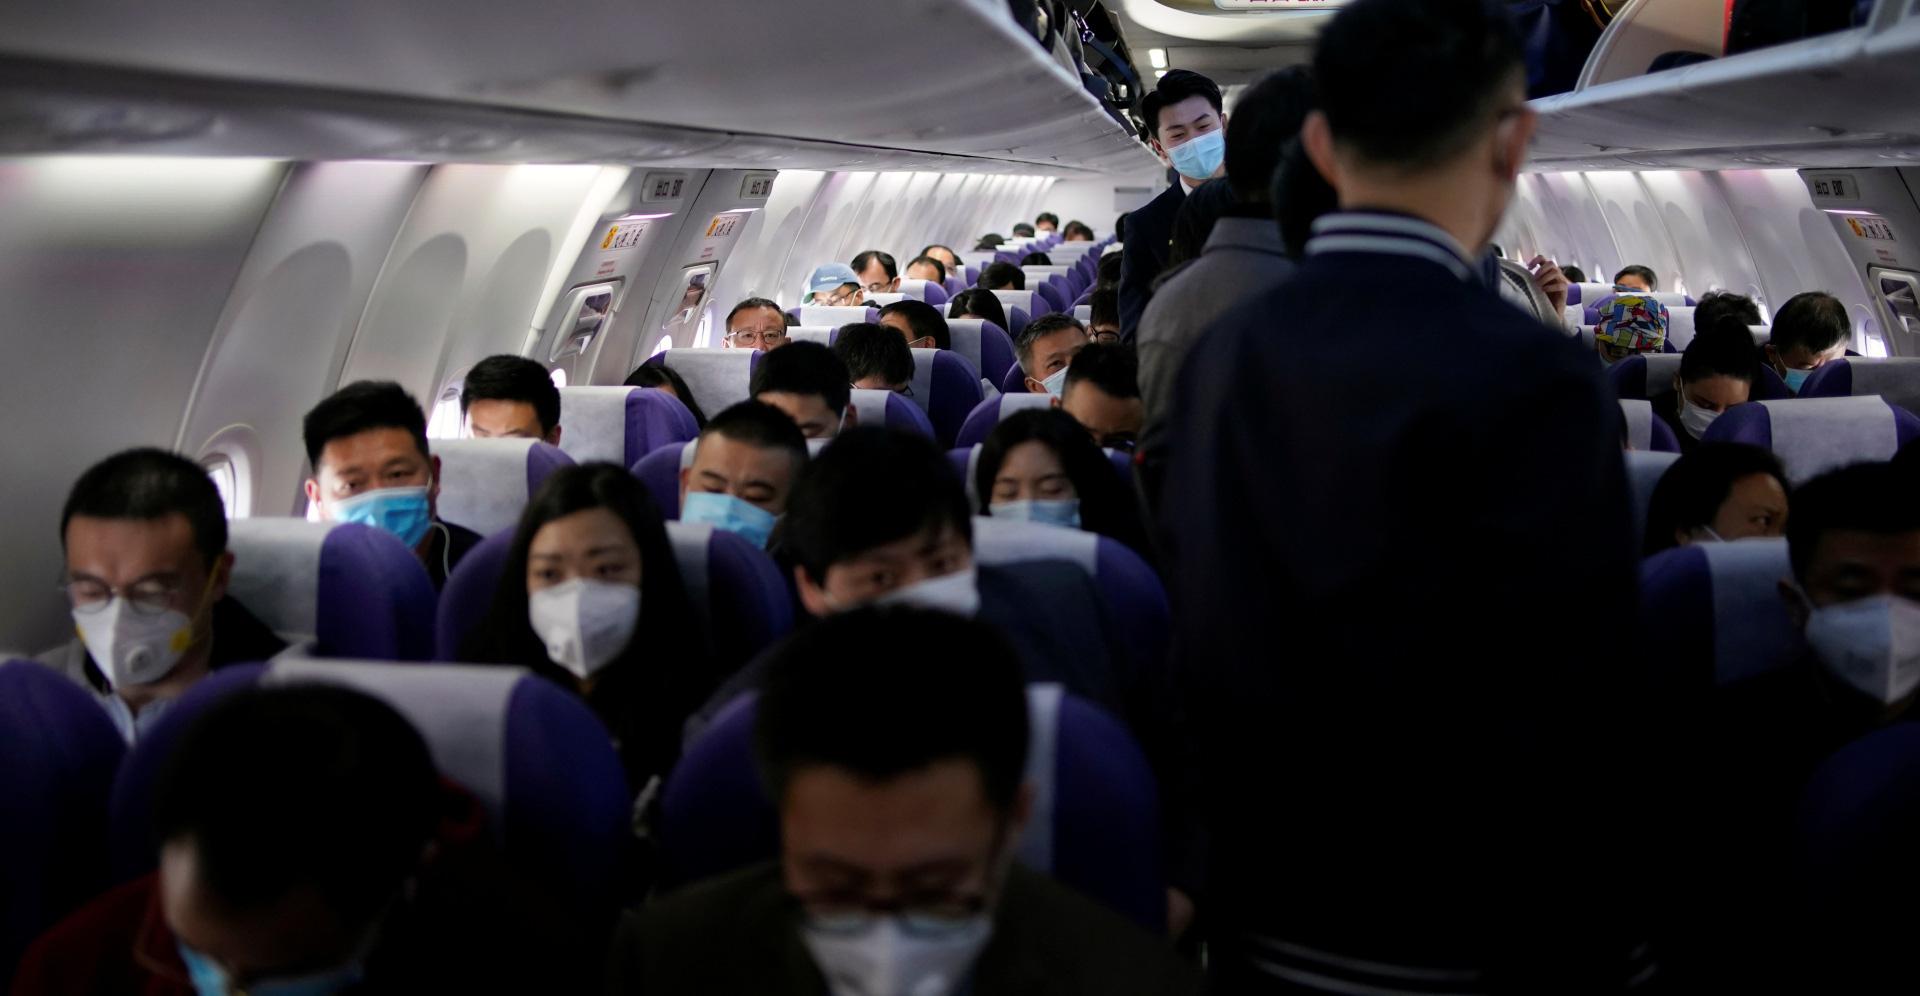 Đại dịch Covid-19 lan rộng không kiểm soát, nhiều du học sinh Trung Quốc bỏ hơn 500 triệu để có 1 chỗ ngồi trên máy bay rời khỏi Mỹ - Ảnh 1.